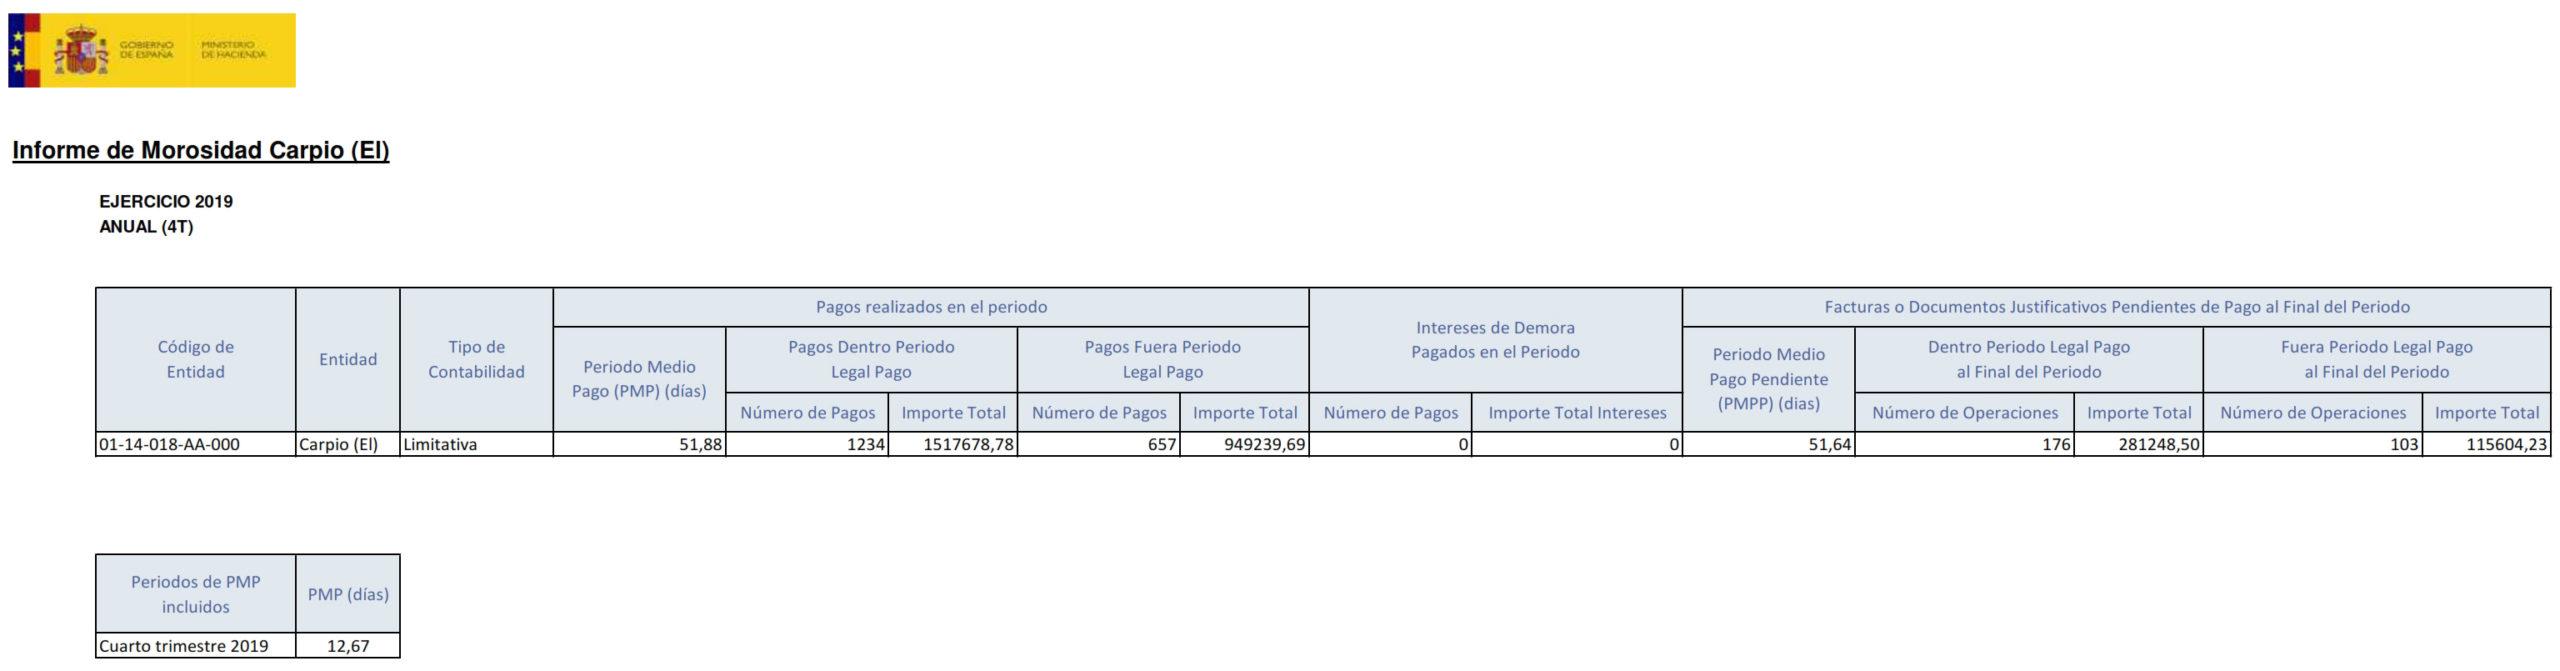 Periodo Medio de Pago a Proveedores Trimestral - 2019 - 4T 1